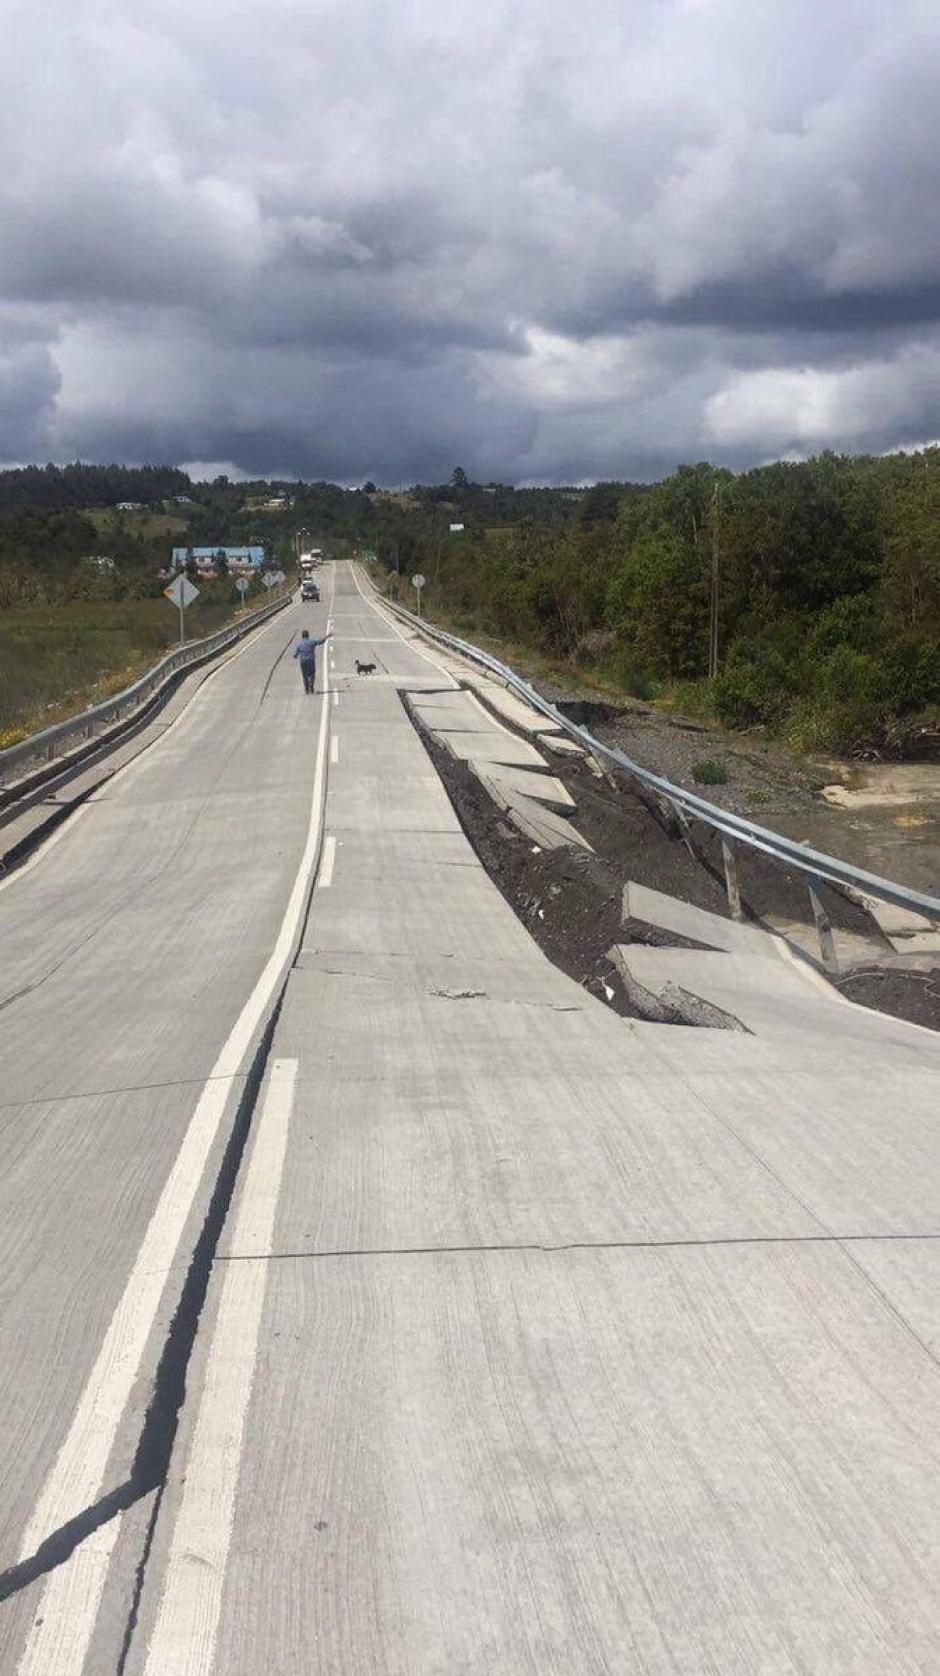 Inicialmente las autoridades lanzaron una alerta de tsunami que generó la evacuación de unas 4 mil personas. (Foto Twitter)